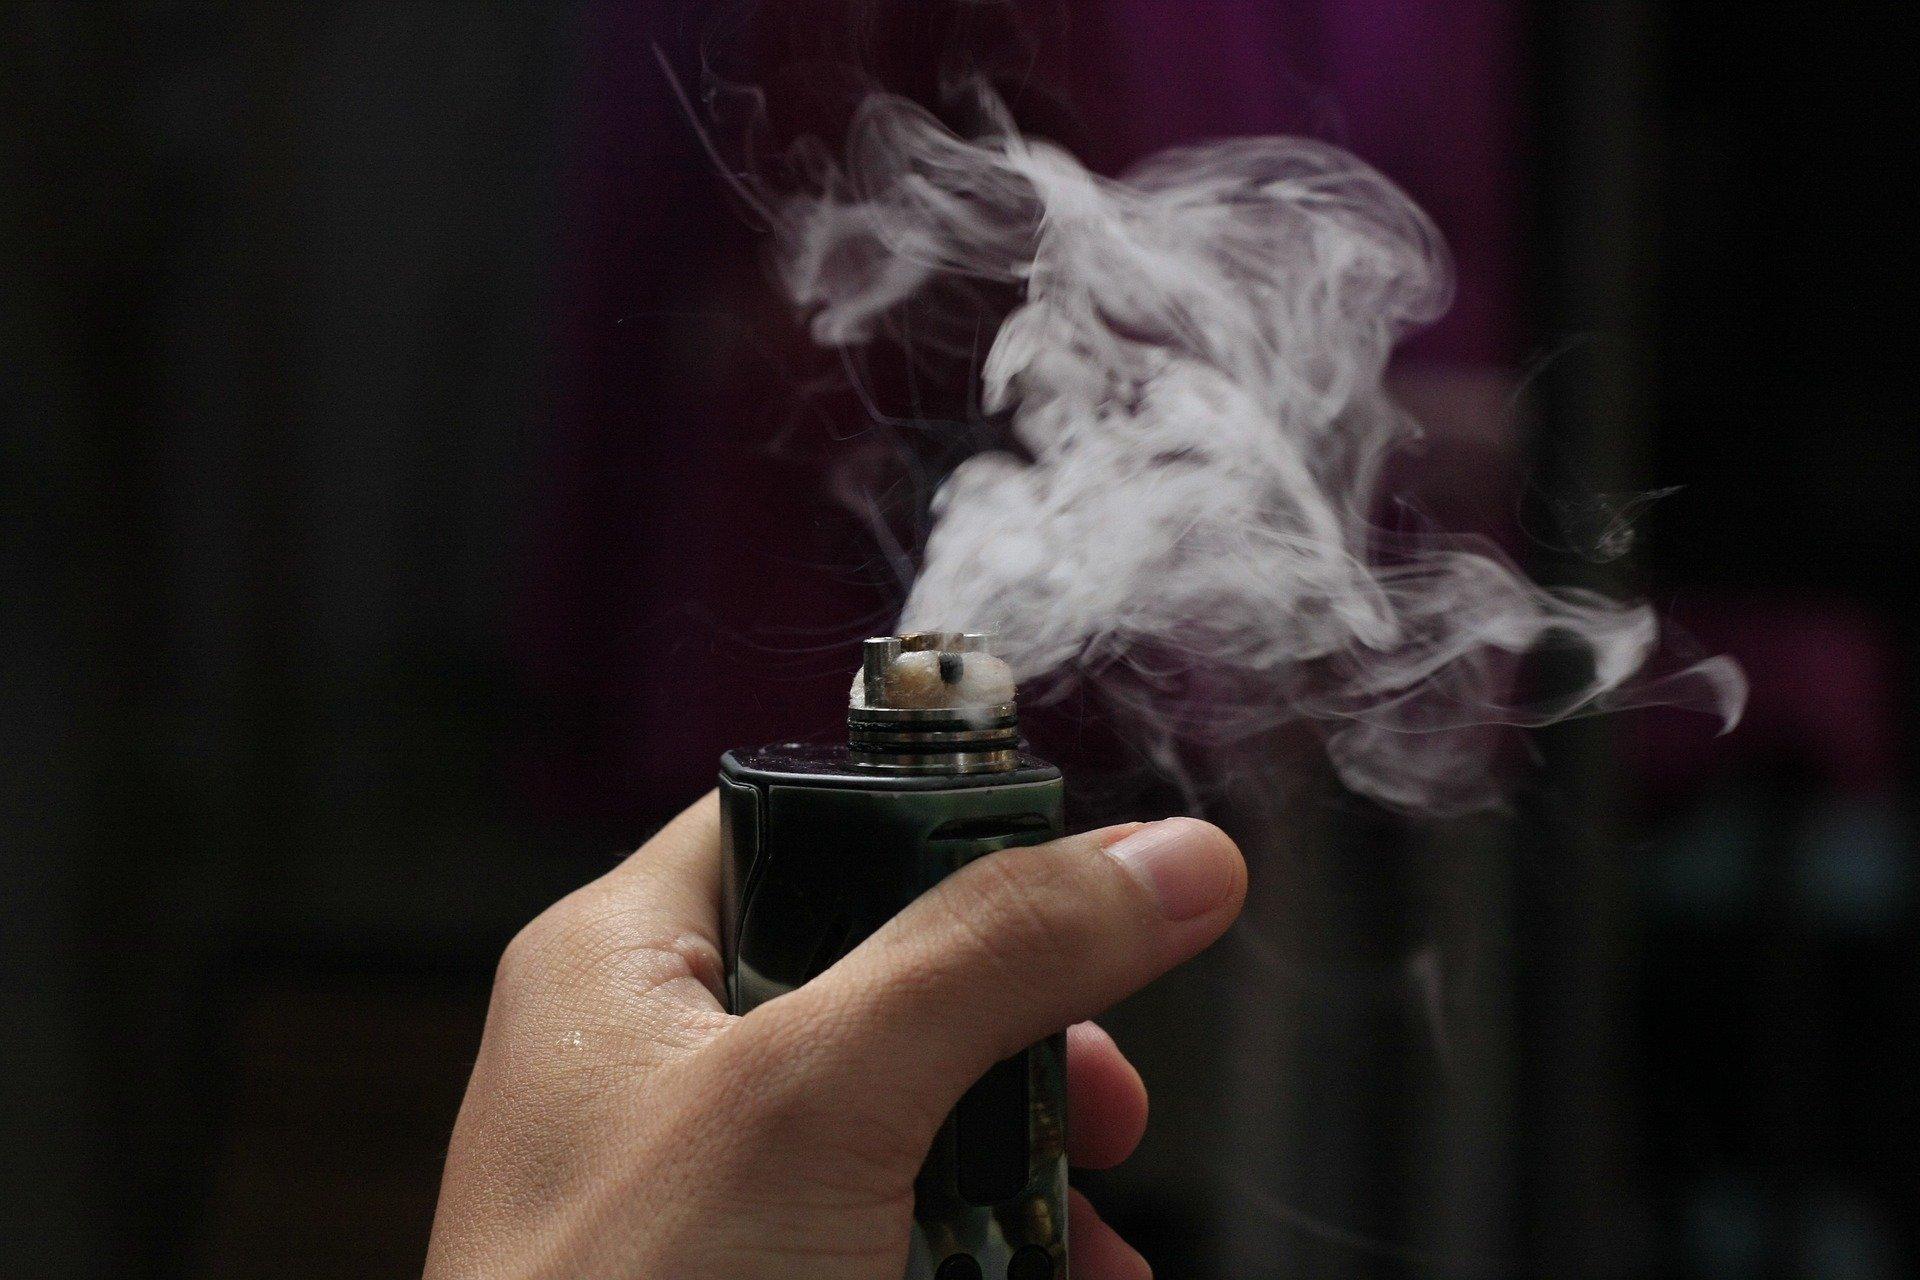 Se sevrer du tabac grâce à la vape : ce qu'il faut savoir